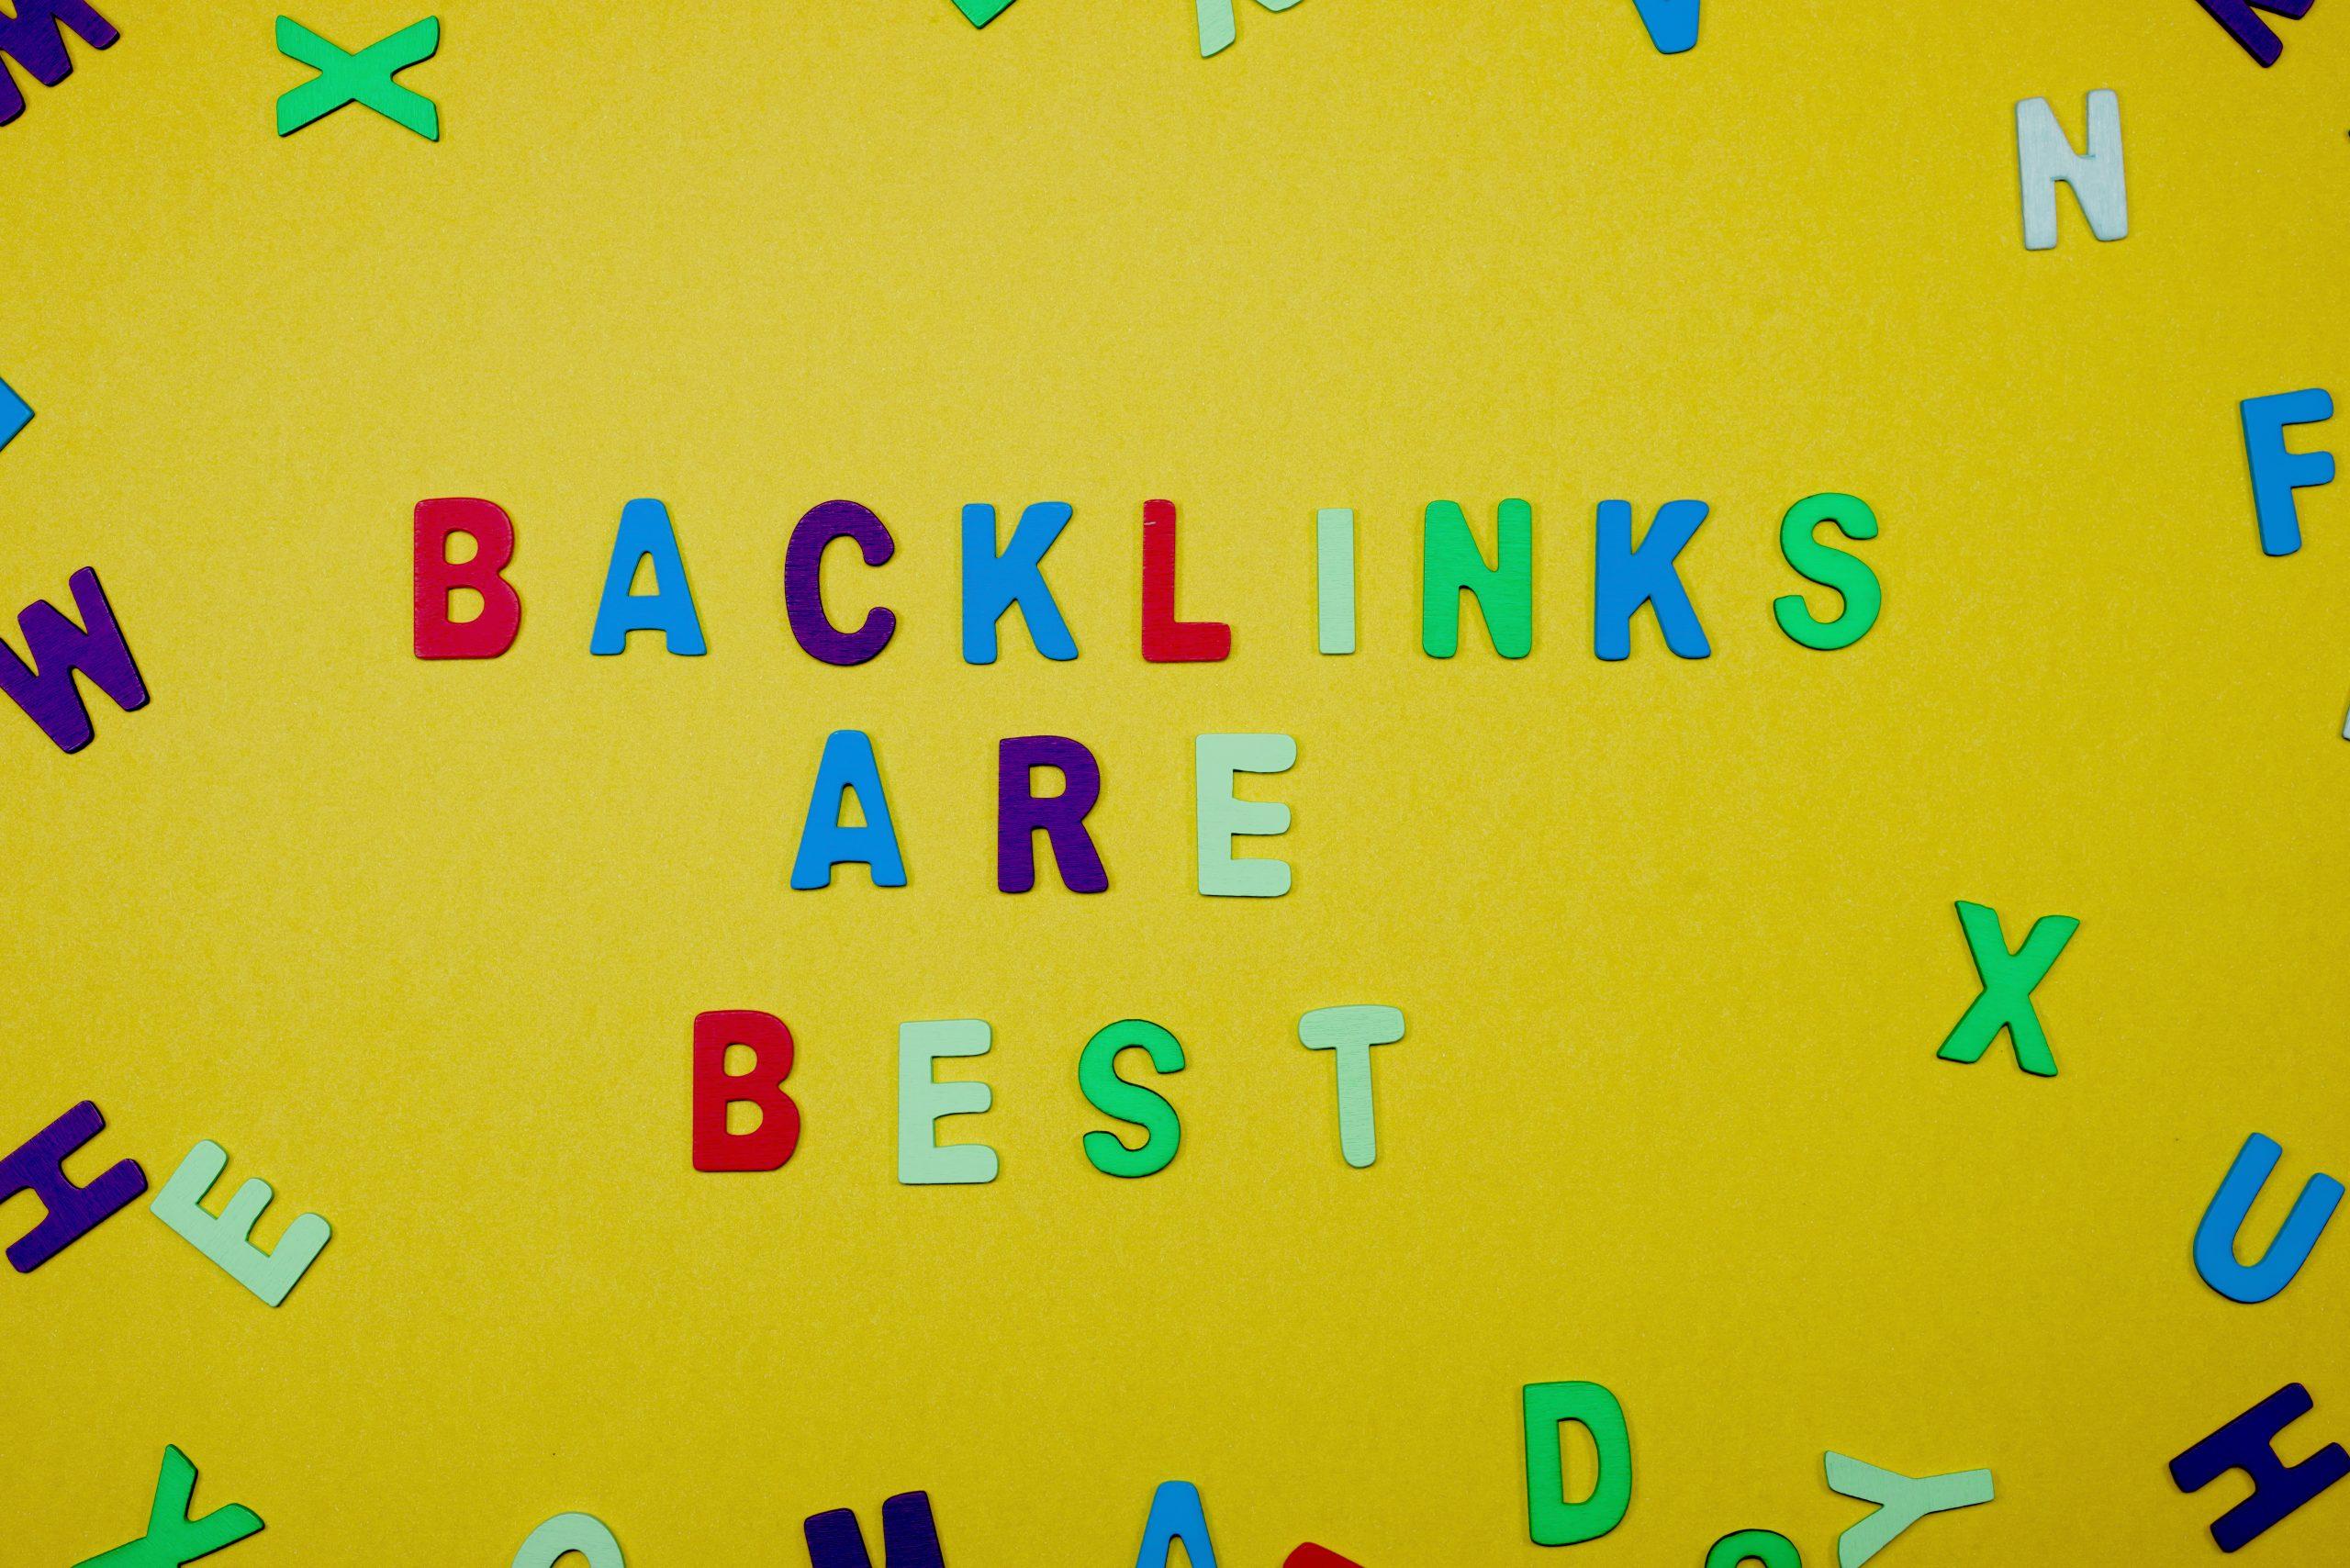 Backlinks Are Best written